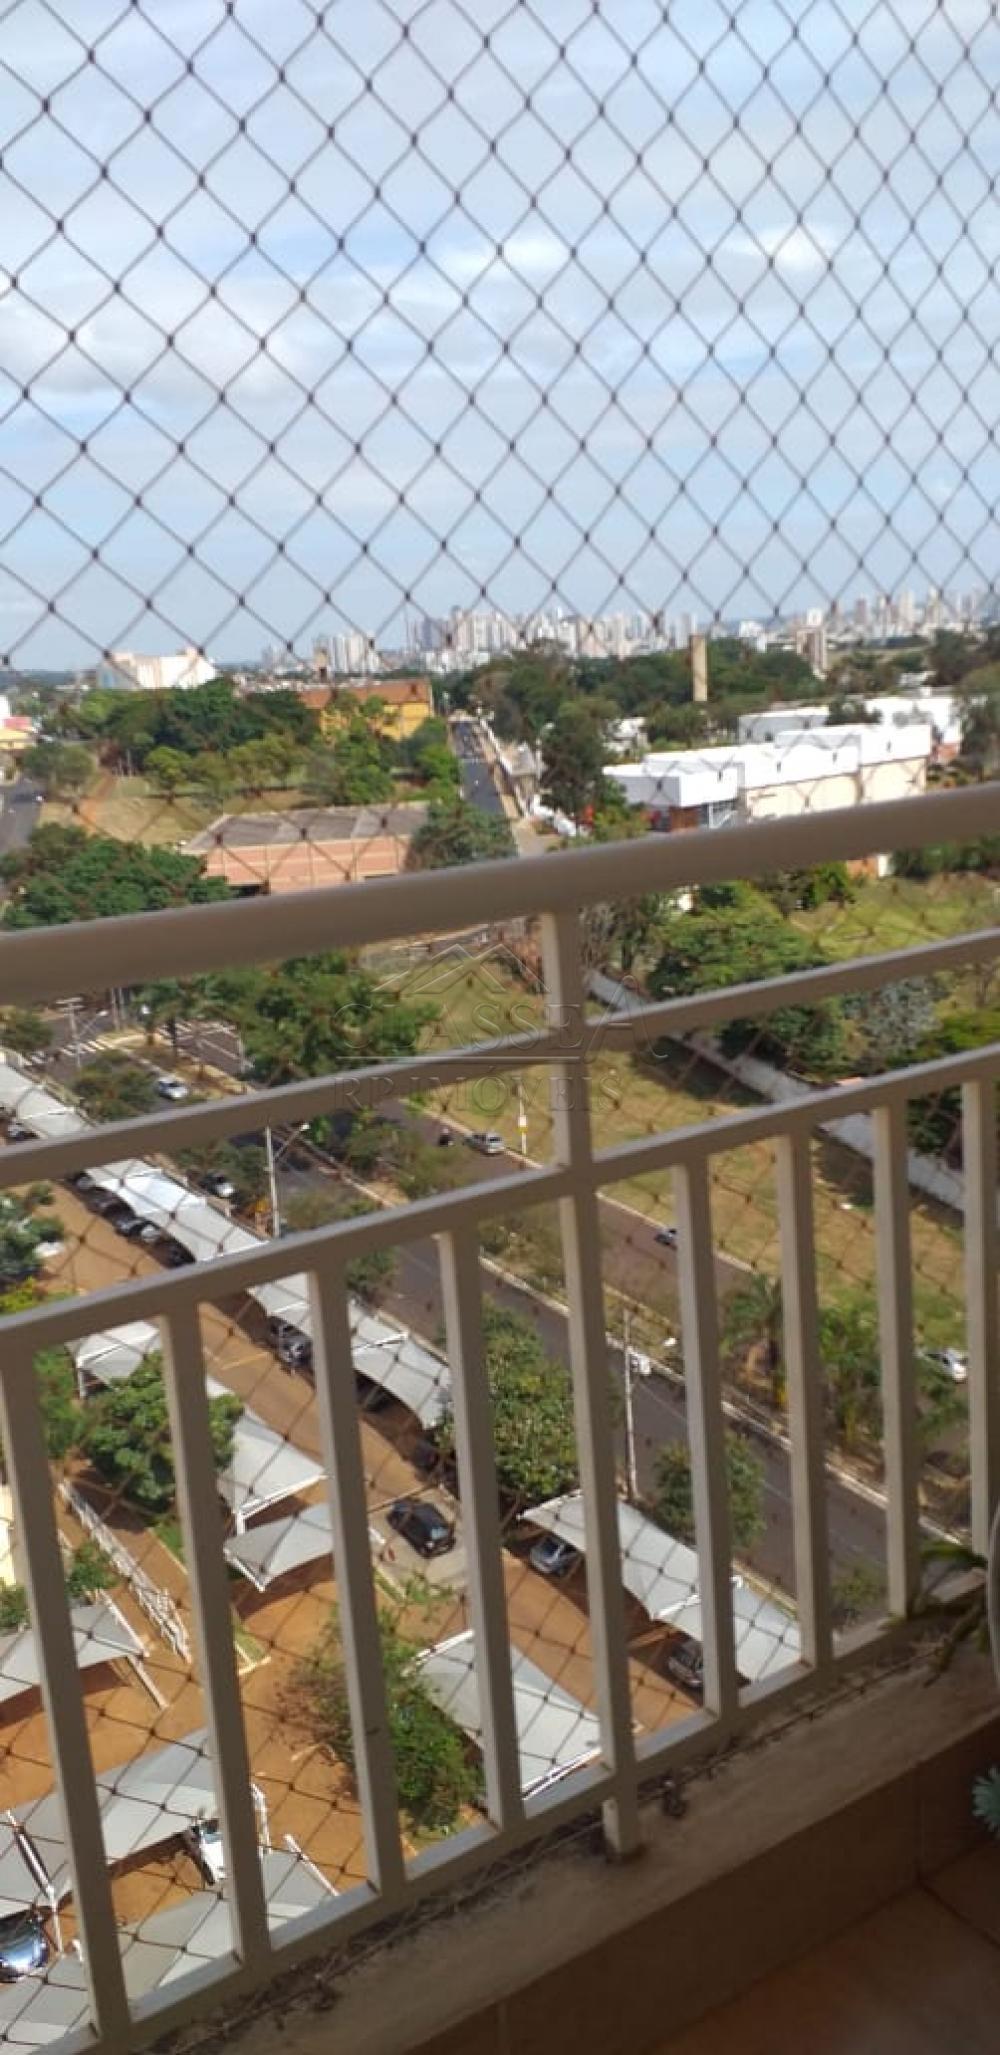 Comprar Apartamento / Padrão em Ribeirão Preto apenas R$ 210.000,00 - Foto 20